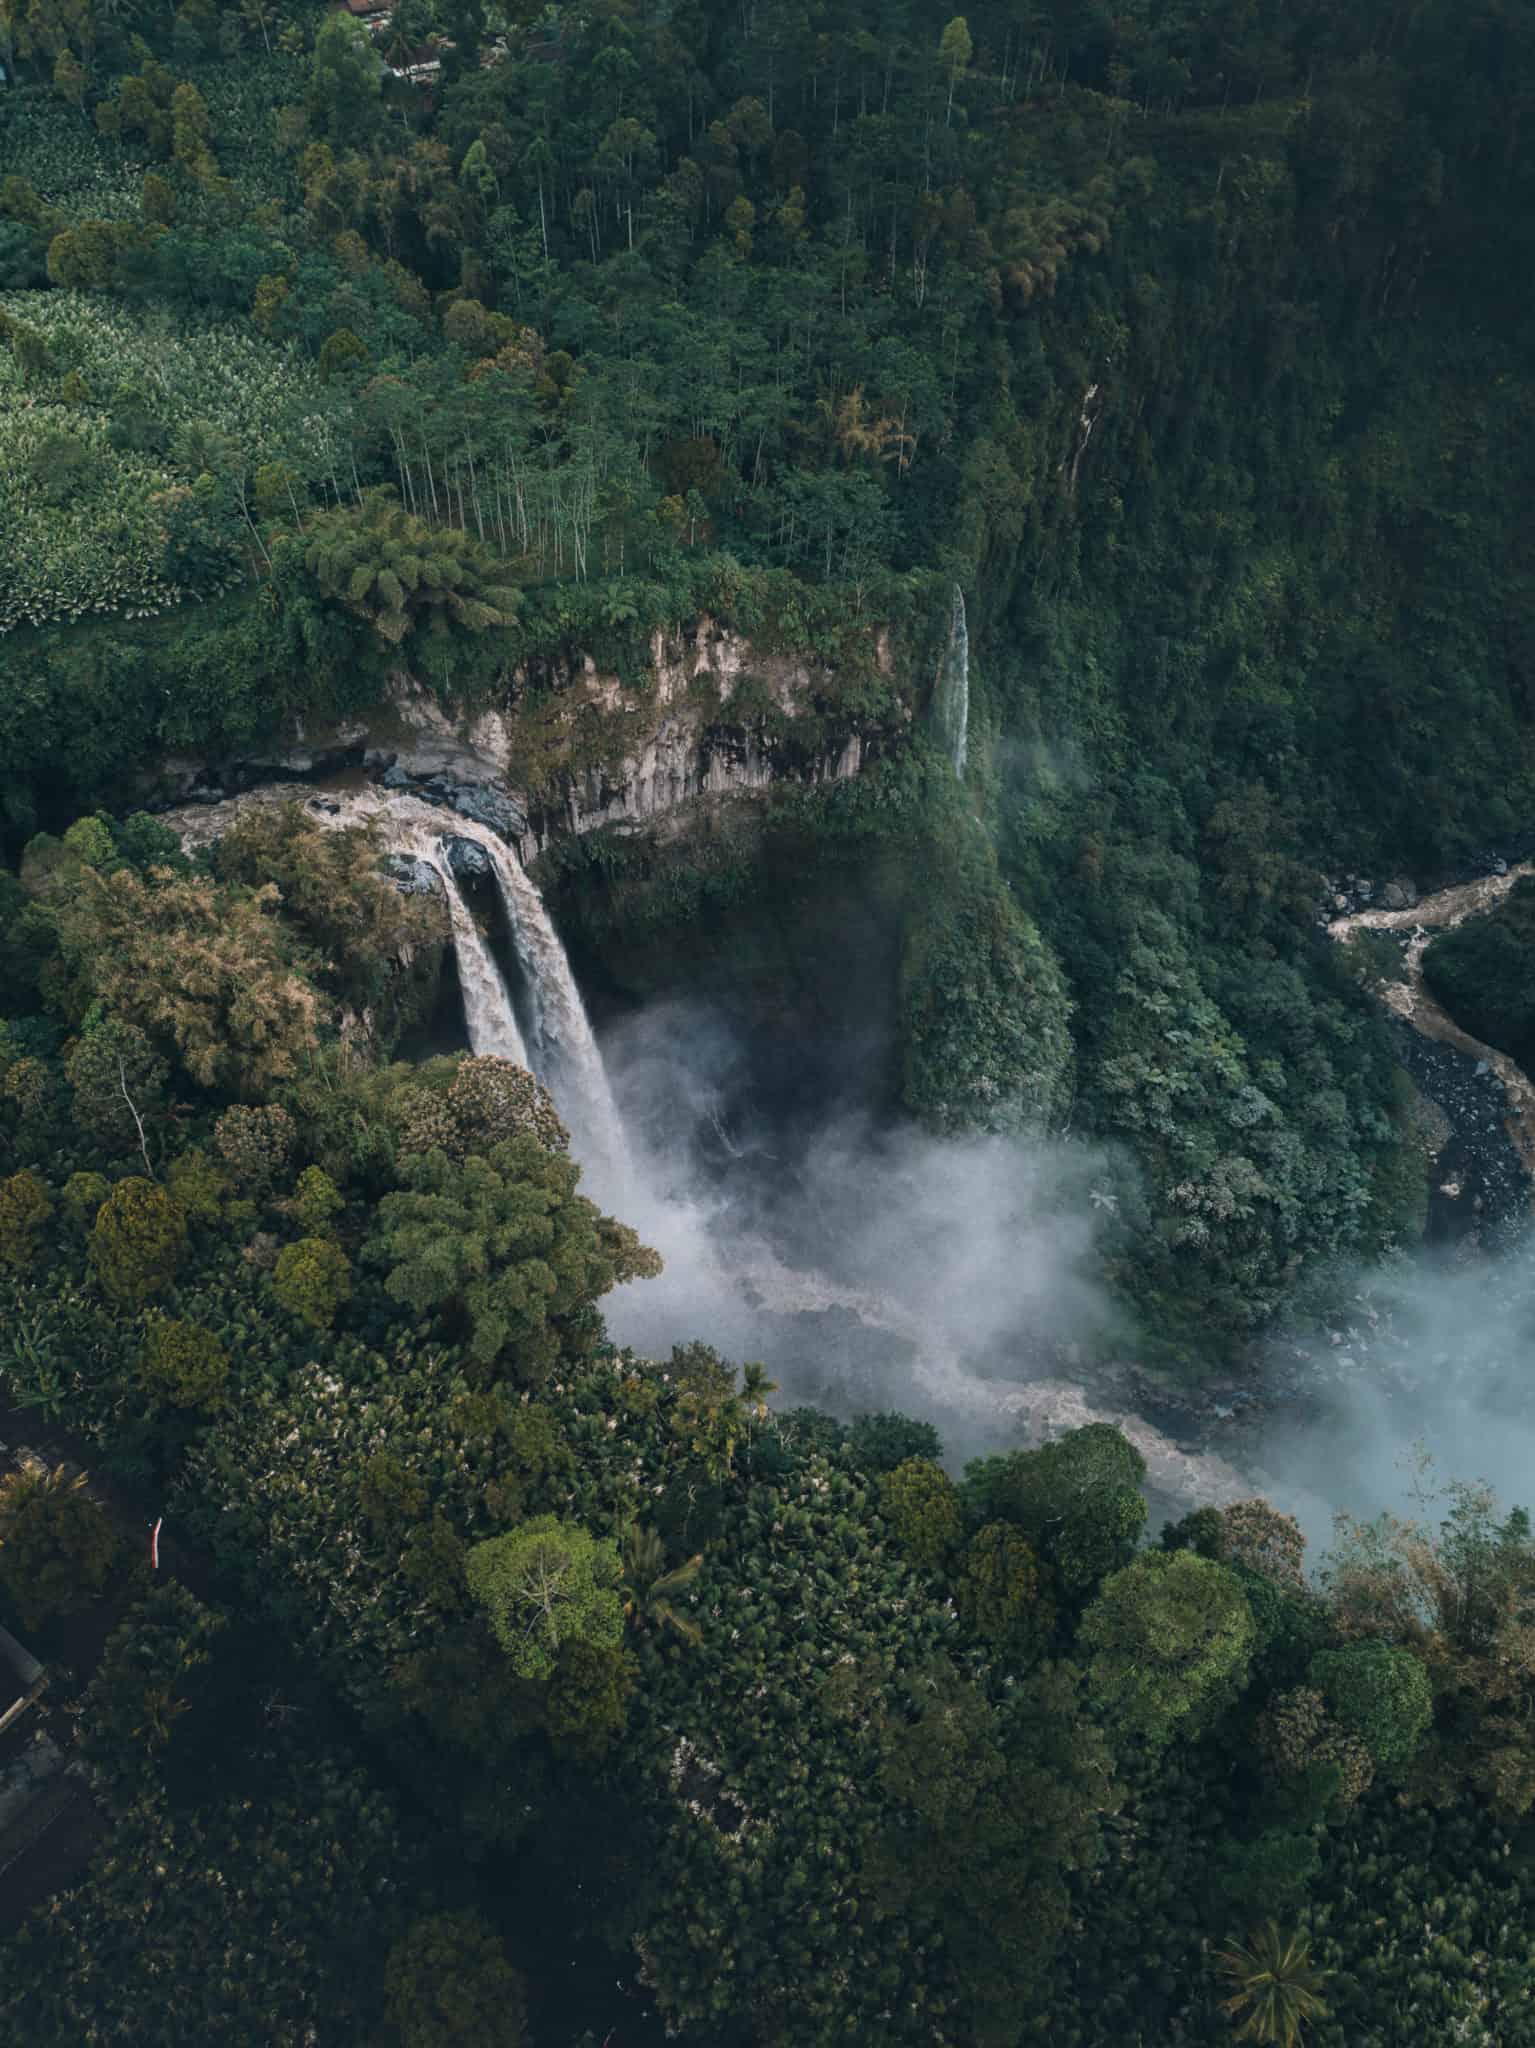 Coban Sriti - East Java Waterfalls - By @joeadimara_